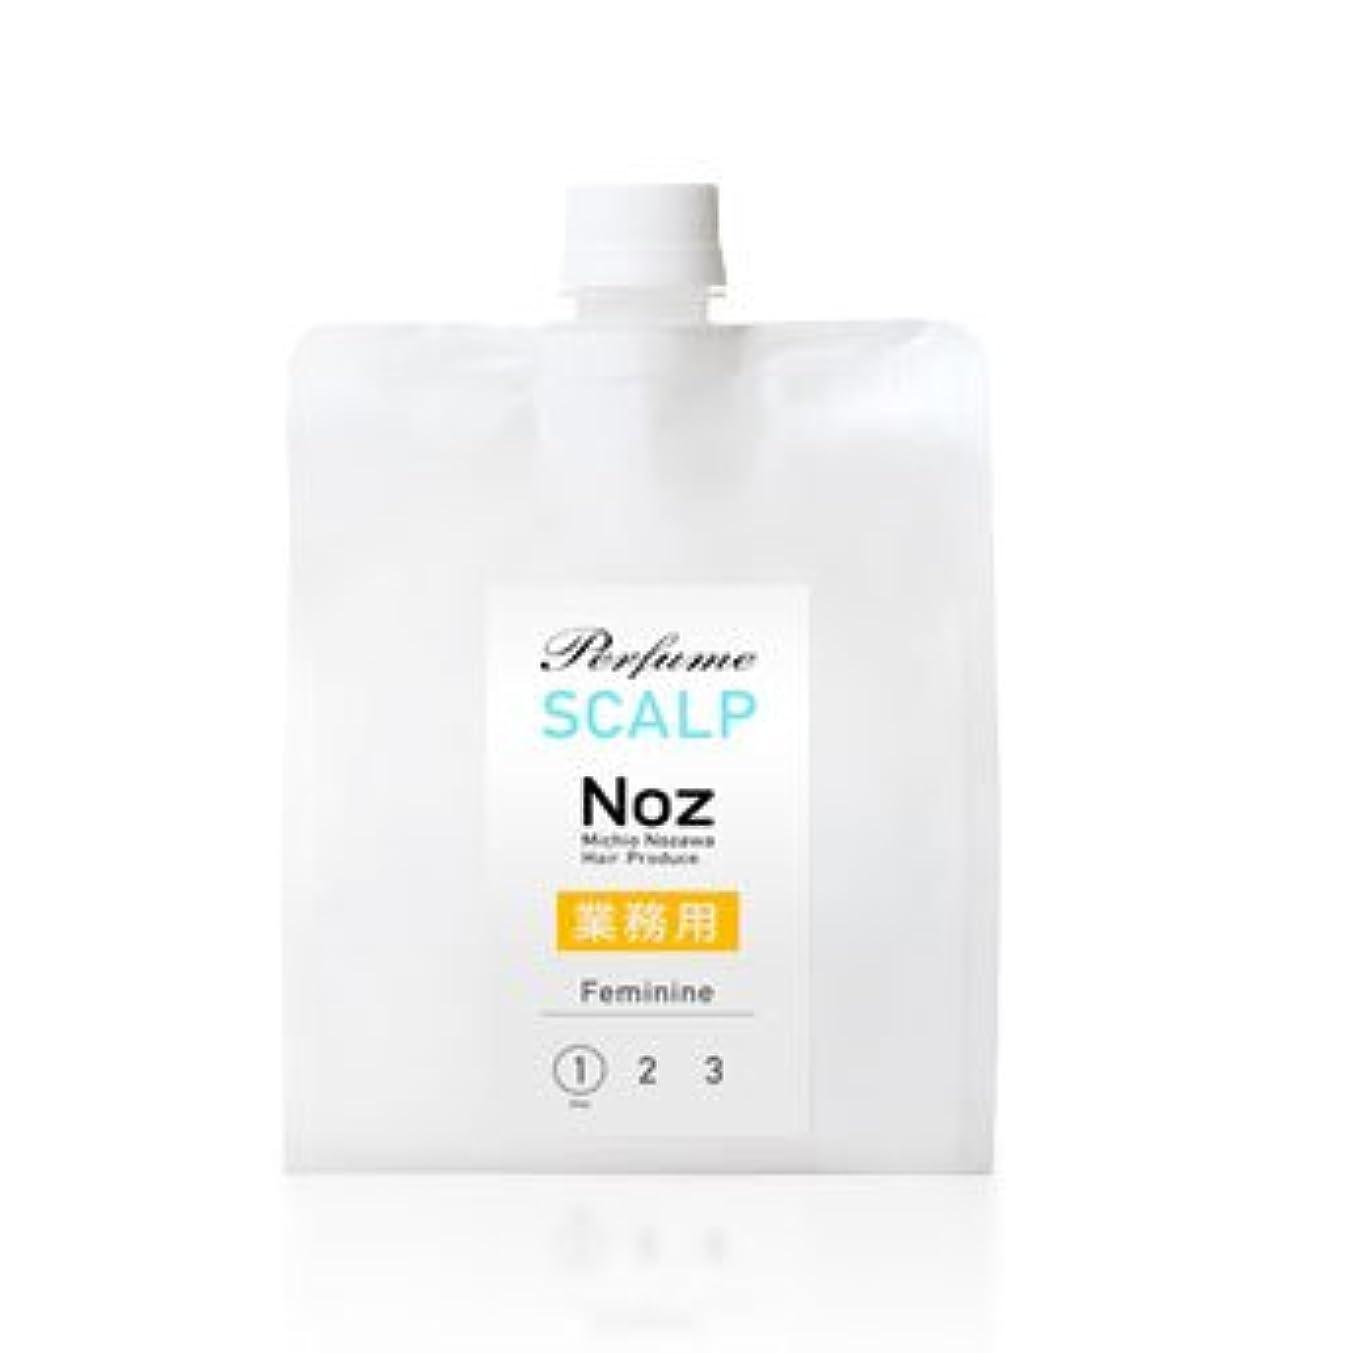 シルエットアッティカス解決するNoz ノズ スカルプ シャンプー (フェミニン) 業務用パウチ